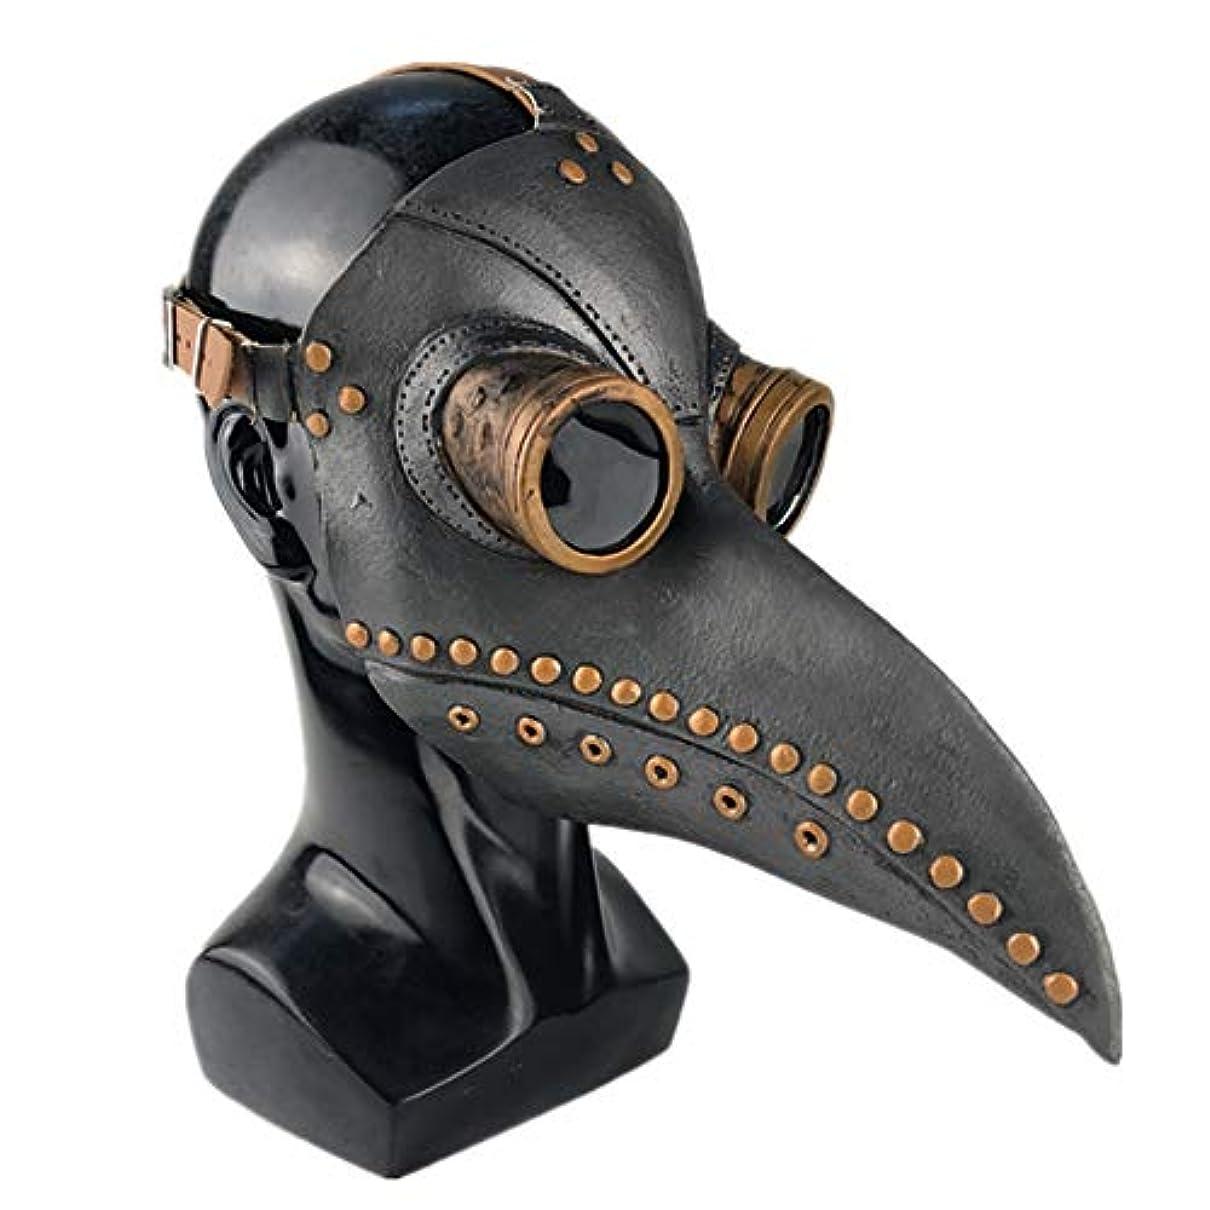 子供達ソーダ水しなければならないKISSION ハロウィン装飾小道具 ハロウィンマスク ペストスチーム ドクターマスクくちばしマスク怖い人格マスク ホリデーパーティー用品 黒 銅の爪